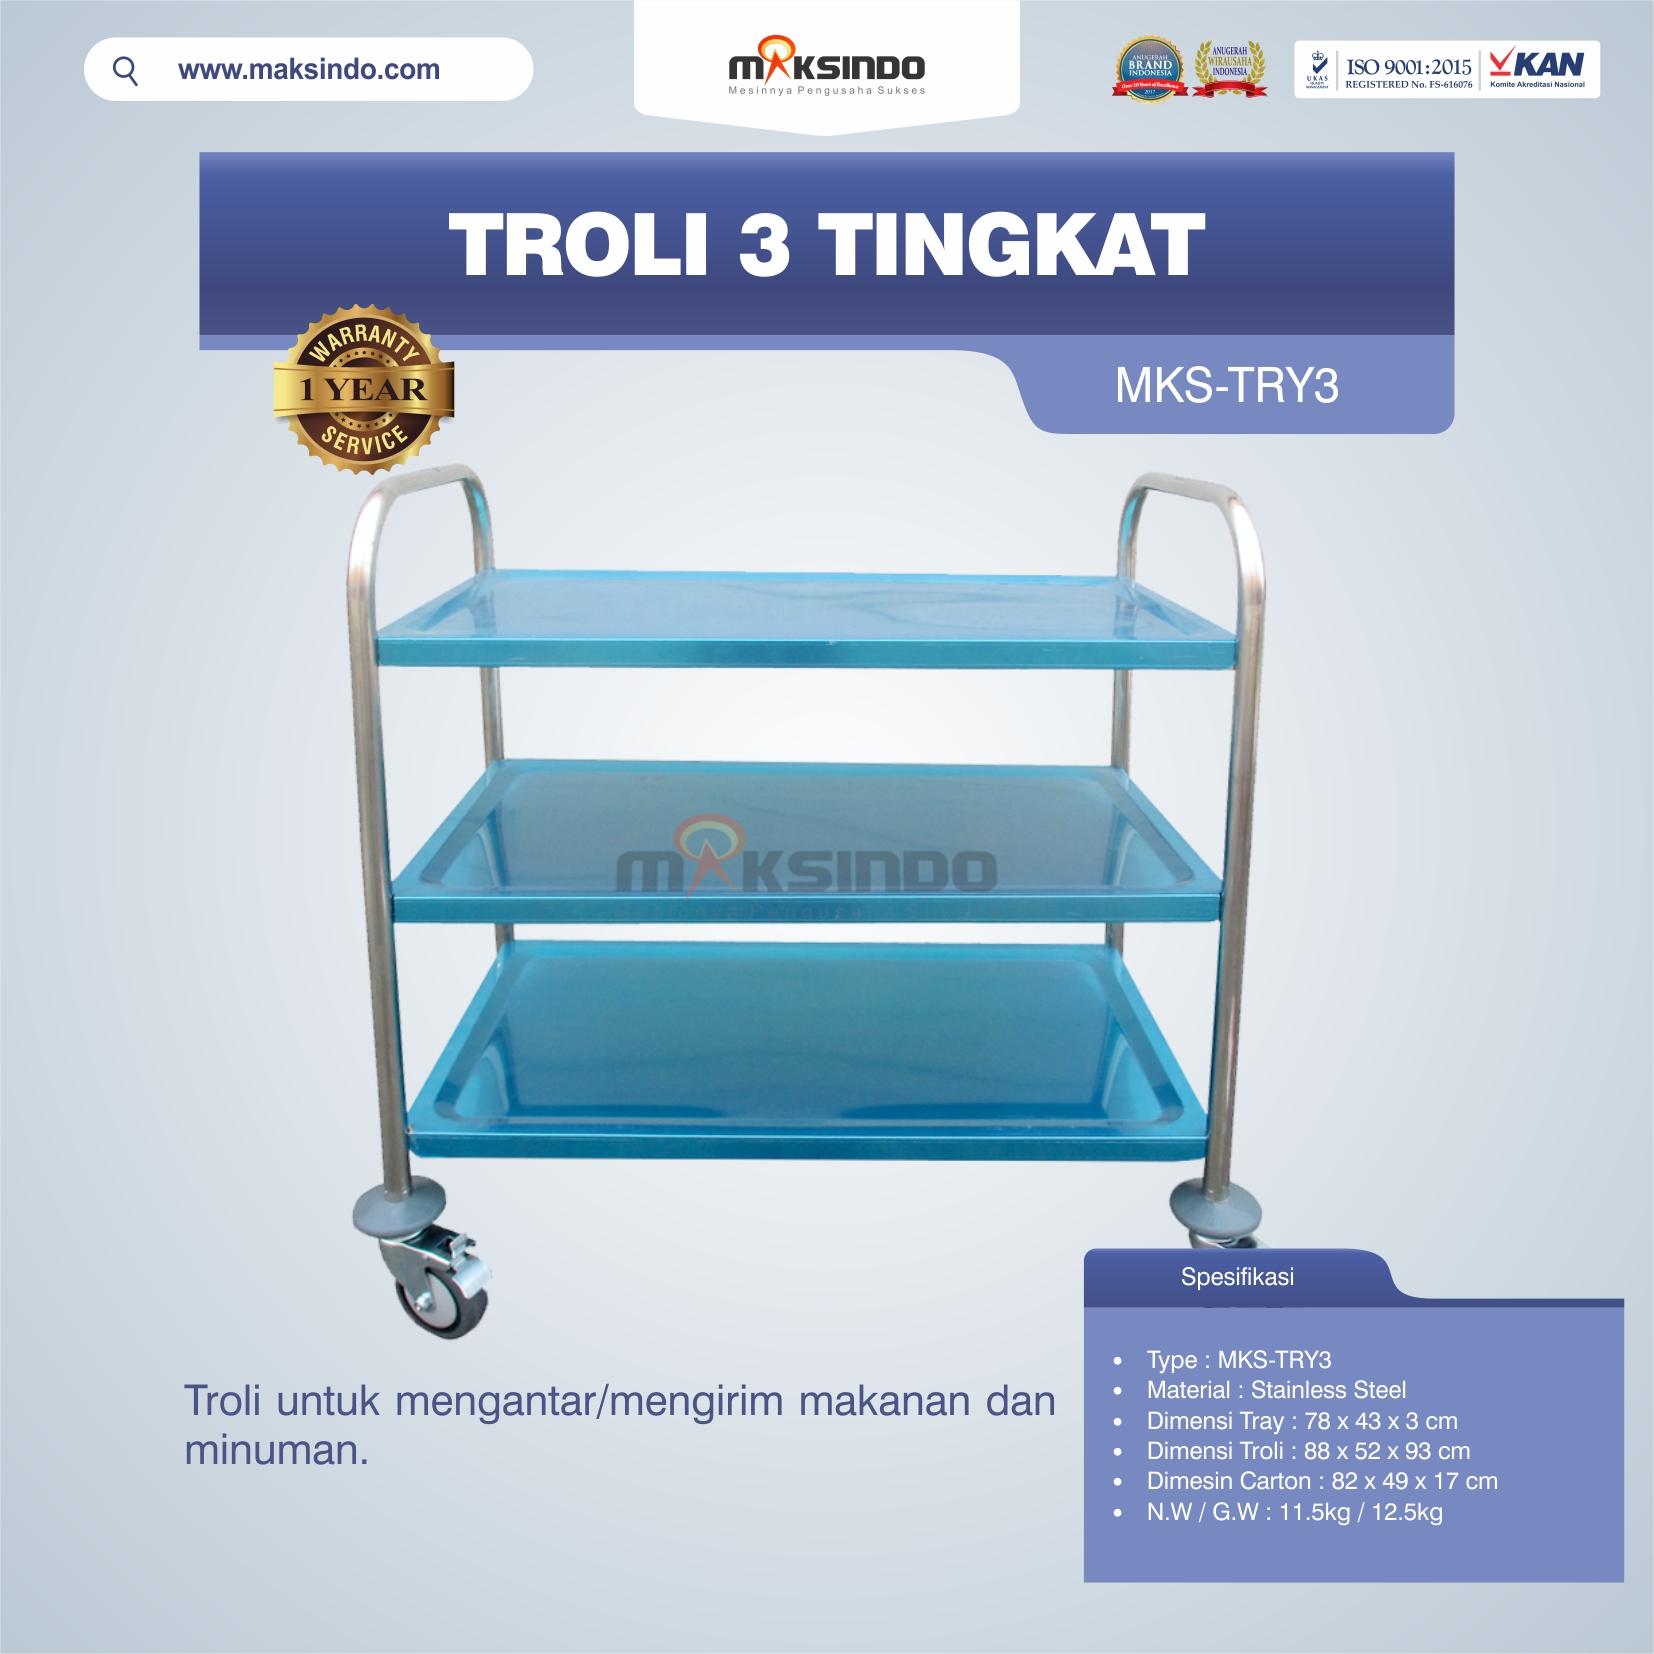 Jual Troli 3 Tingkat MKS-TRY3 di Malang